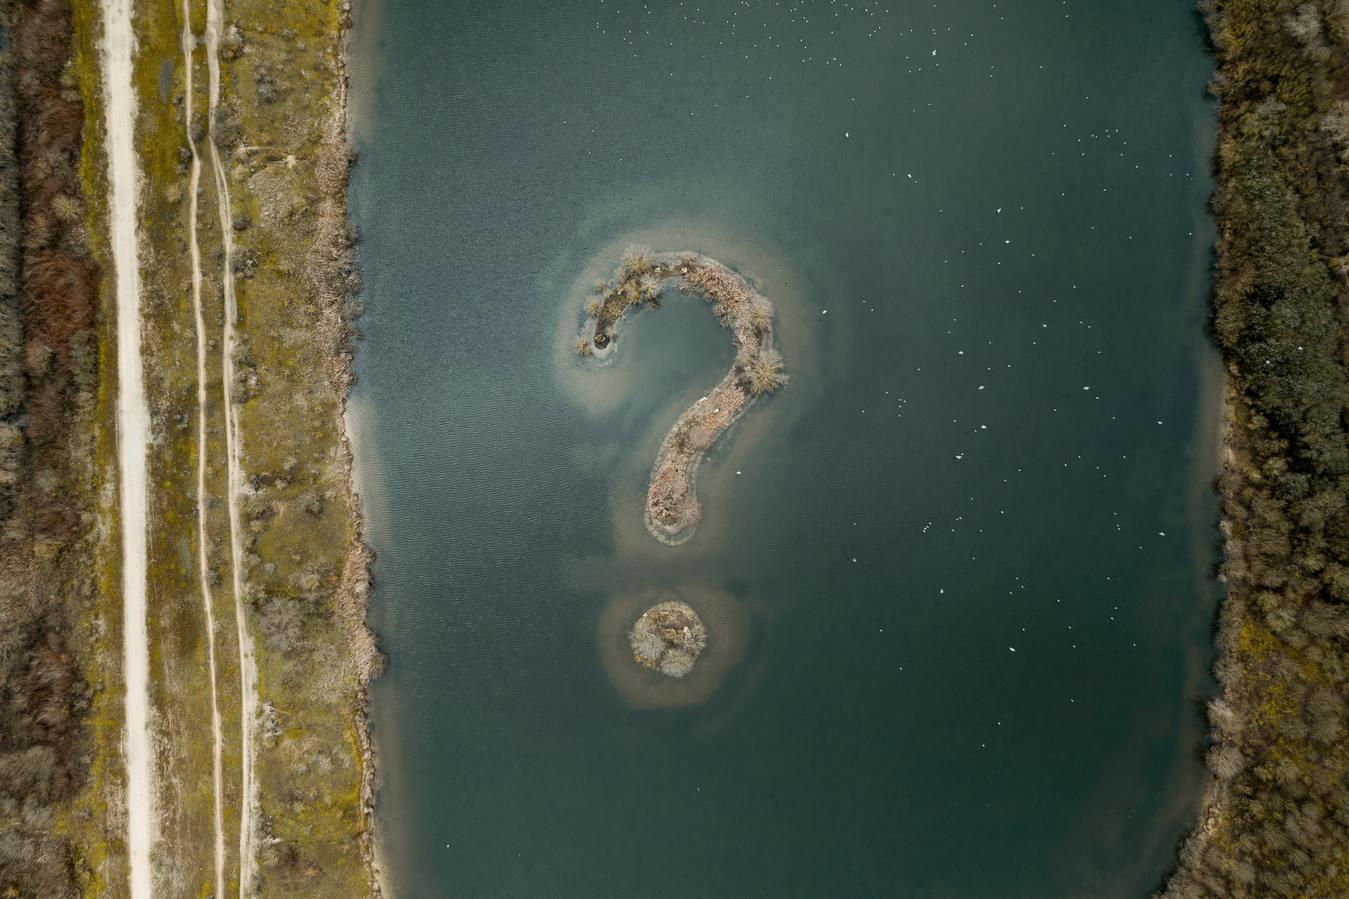 An island shaped like a question mark